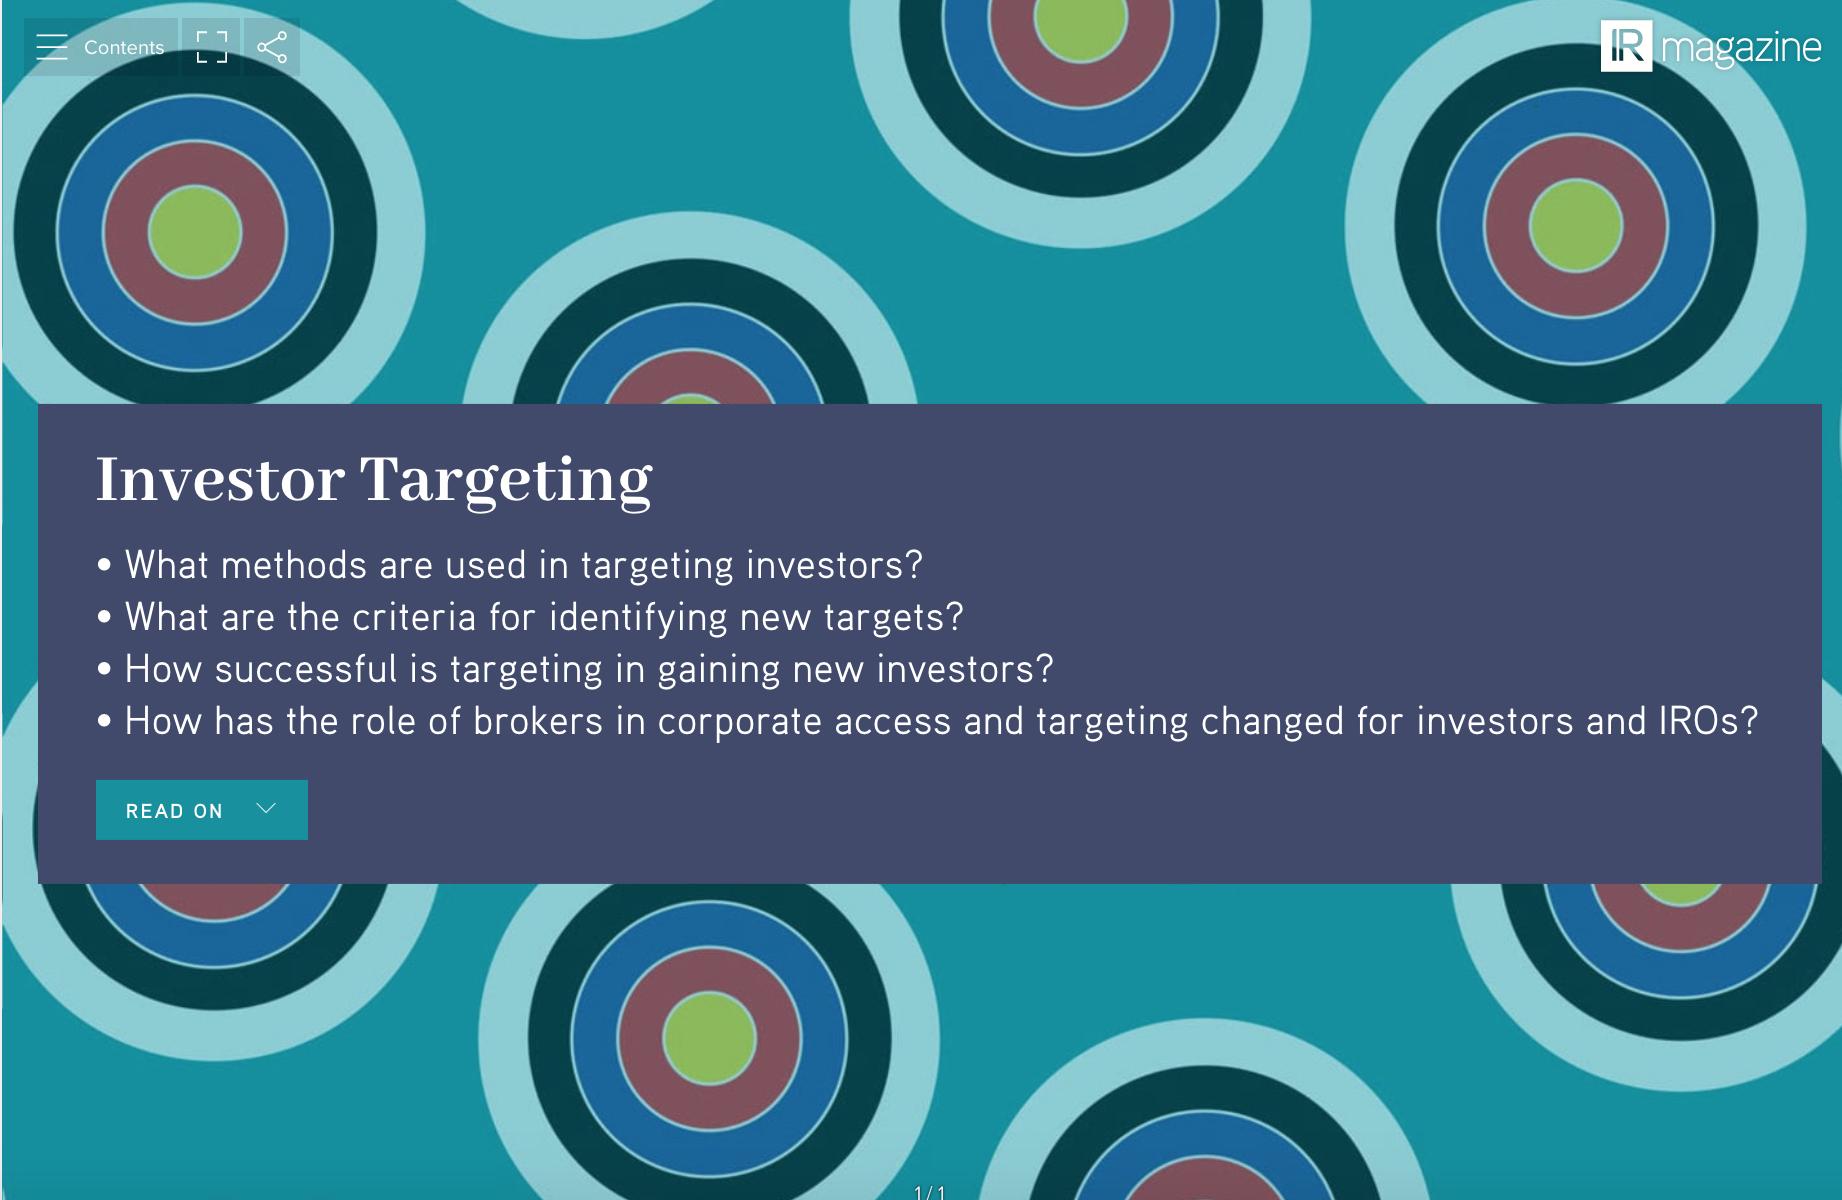 Investor Targeting